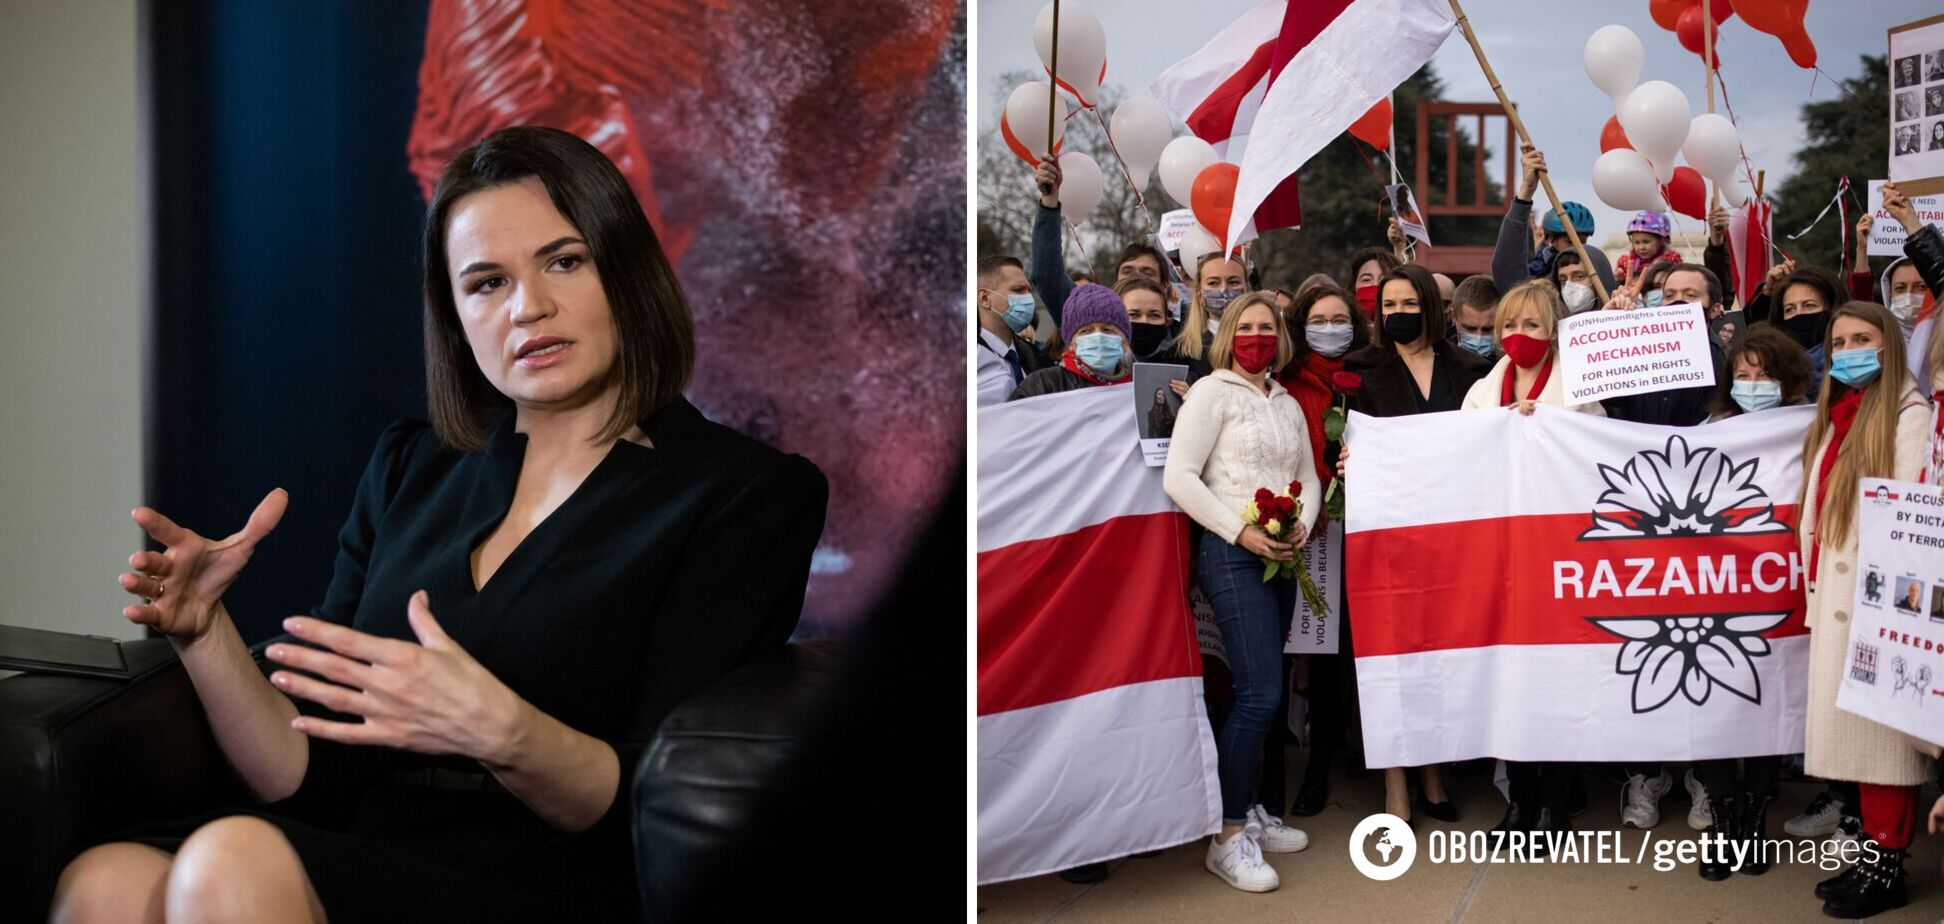 Тихановська оголосила всенародне голосування, щоб почати переговори з владою Білорусі